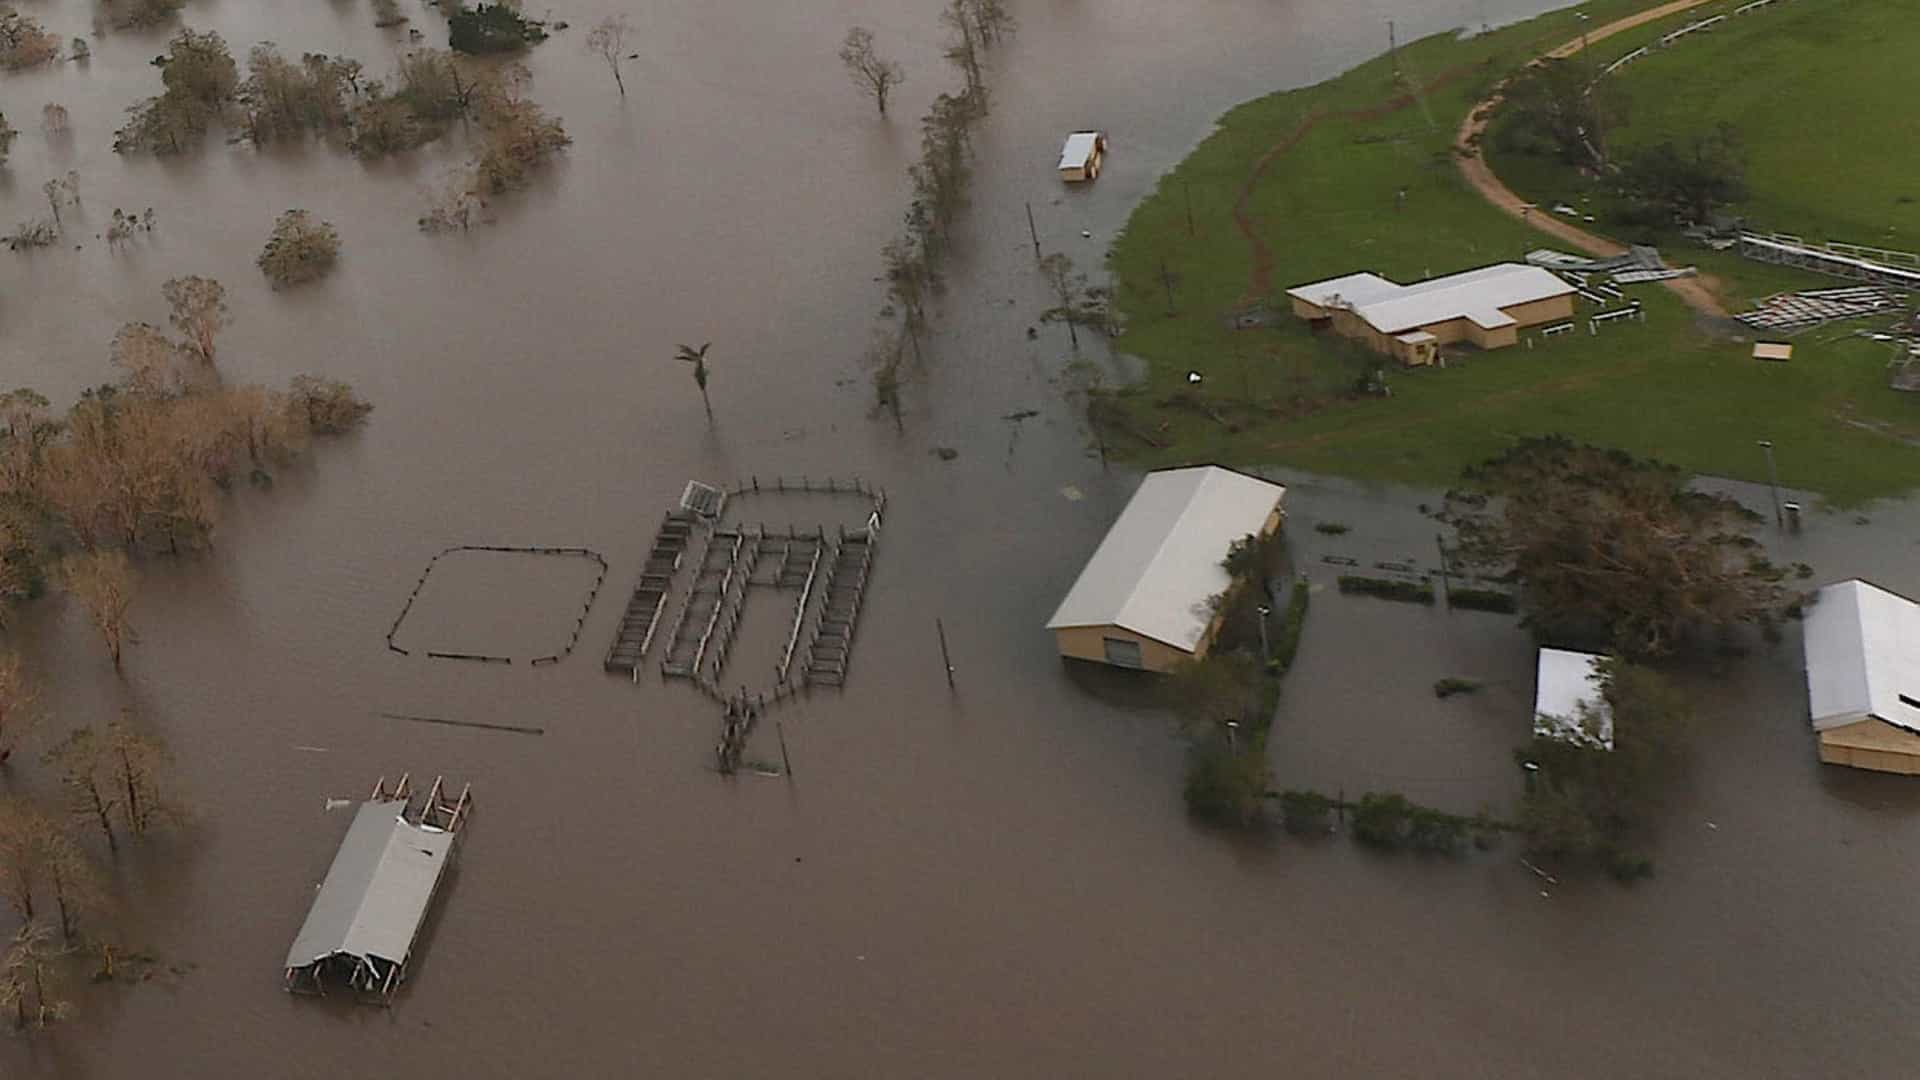 Milhares de deslocados na Nova Zelândia devido ao ciclone Debbie